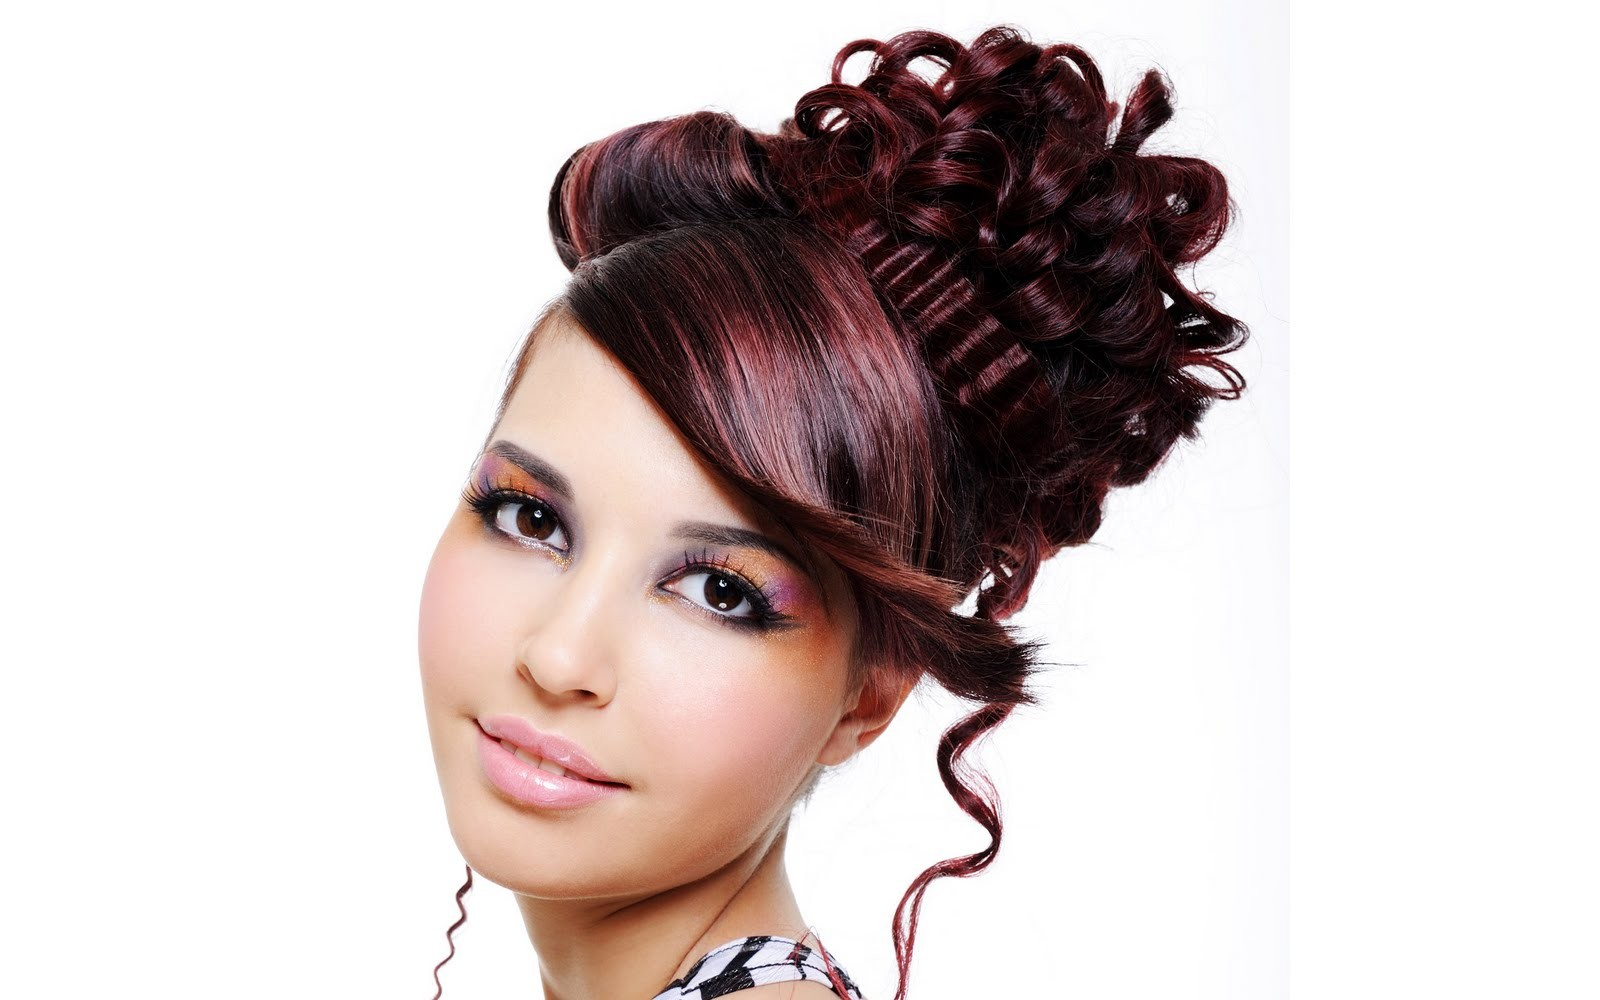 Peinados para fiestas elegantes - 1600x1000